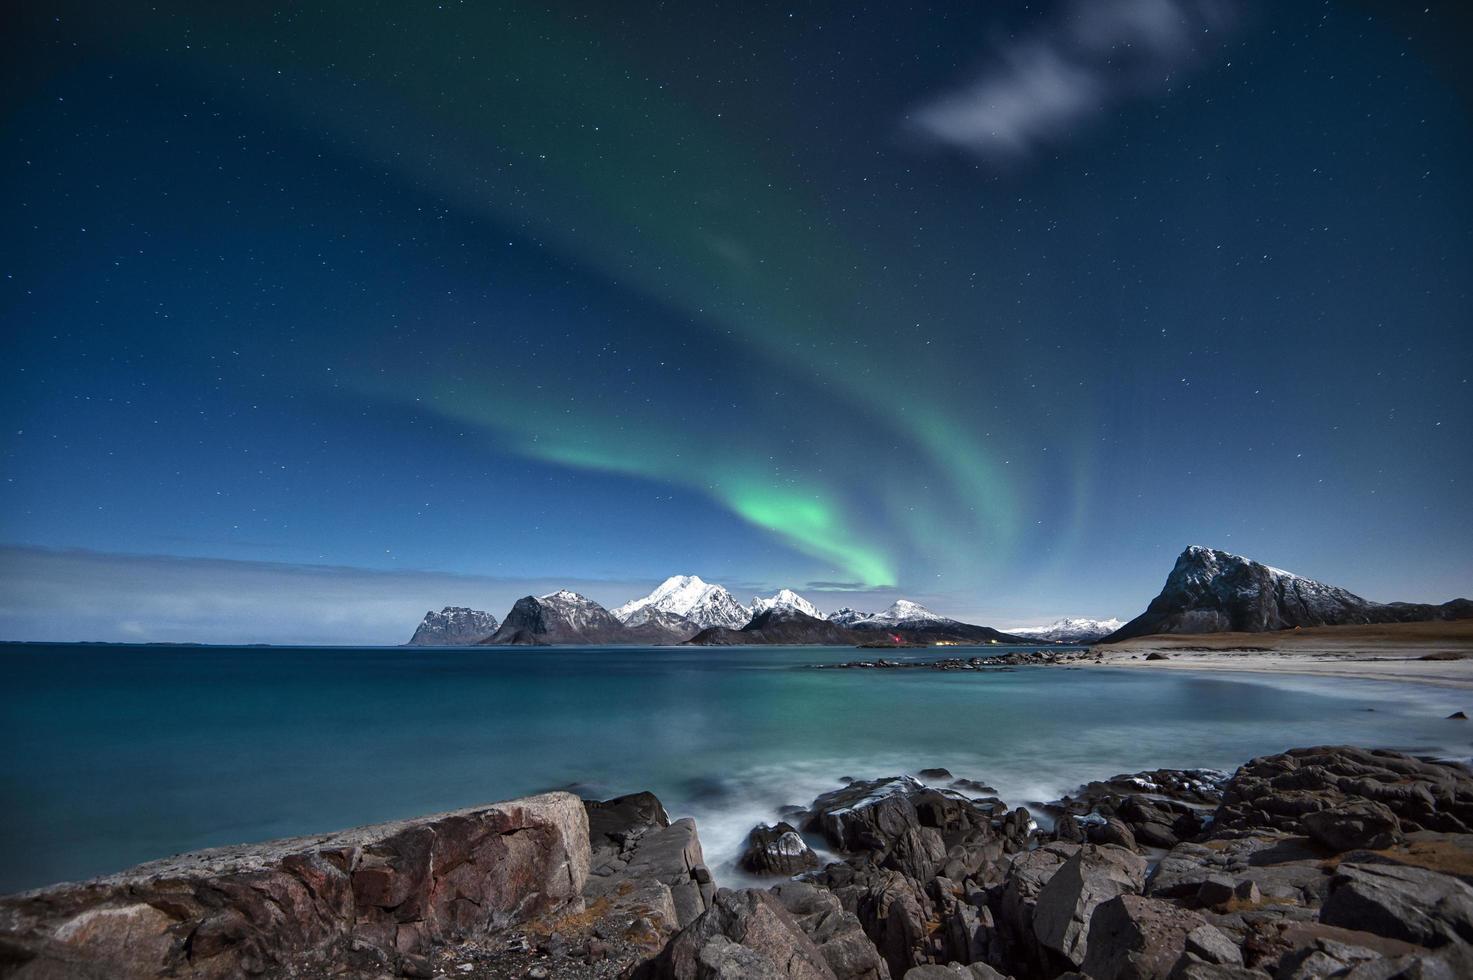 aurores boréales aux îles Lofoten photo